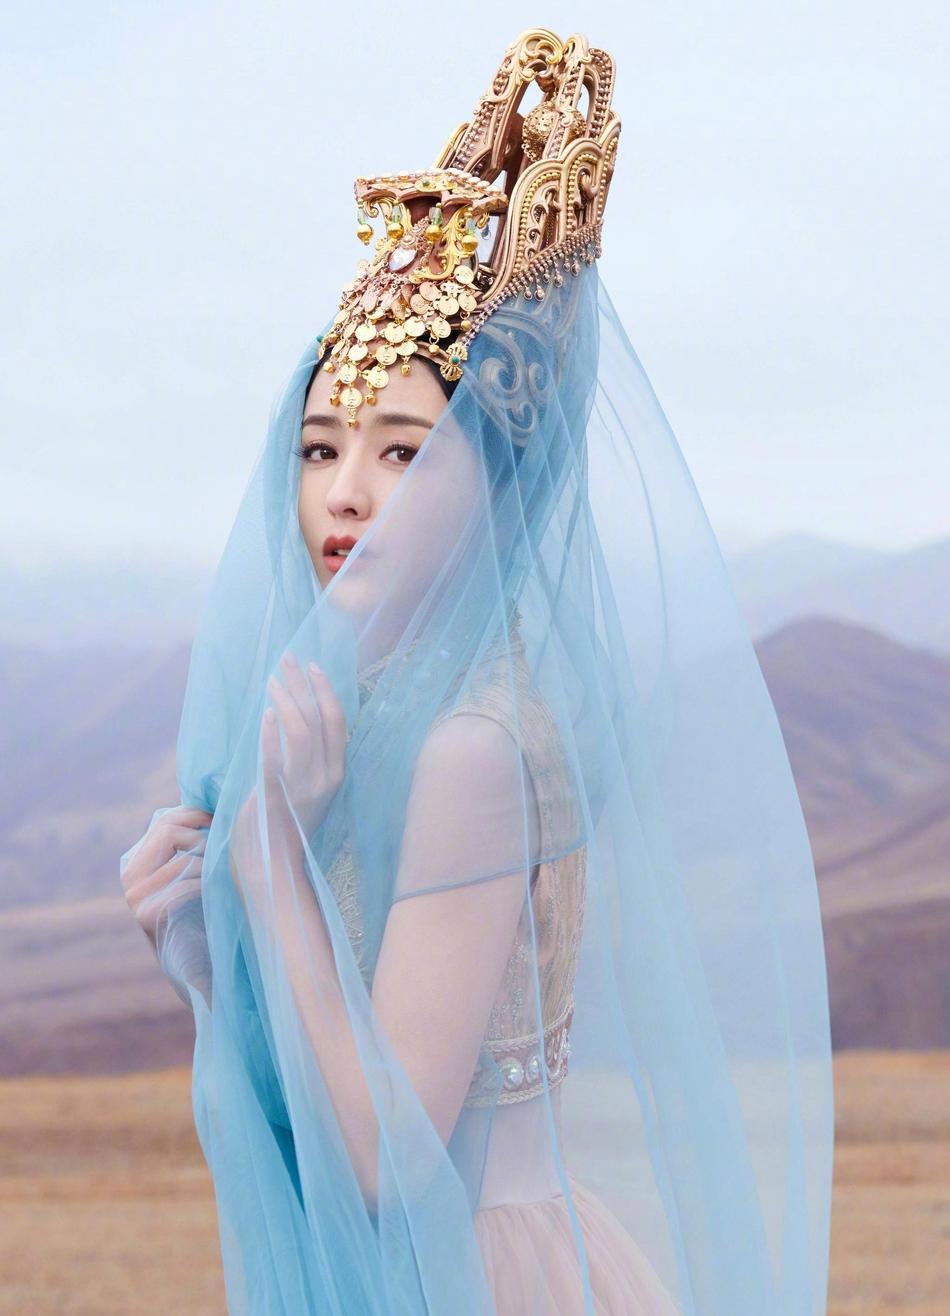 美若天仙!佟丽娅舞剧海报首度曝光 身姿曼妙颜值高化身绝美少女